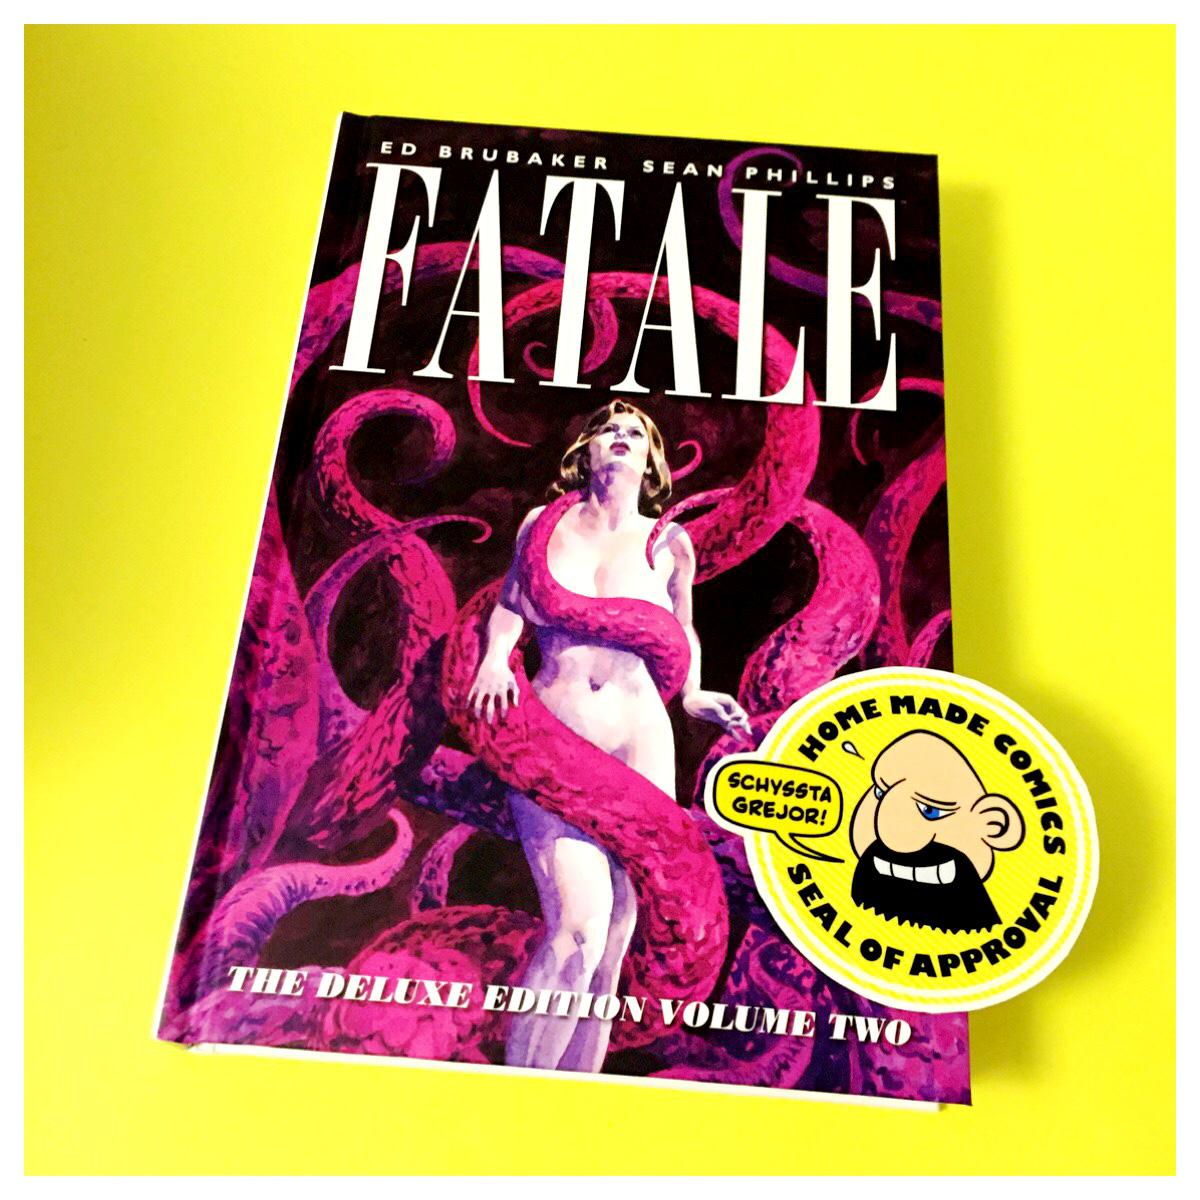 Home Made Comics Seal of Approval #180. Fatale The Deluxe Edition Volume Two av Ed Brubaker och Sean Phillips utgiven av Image 2015.